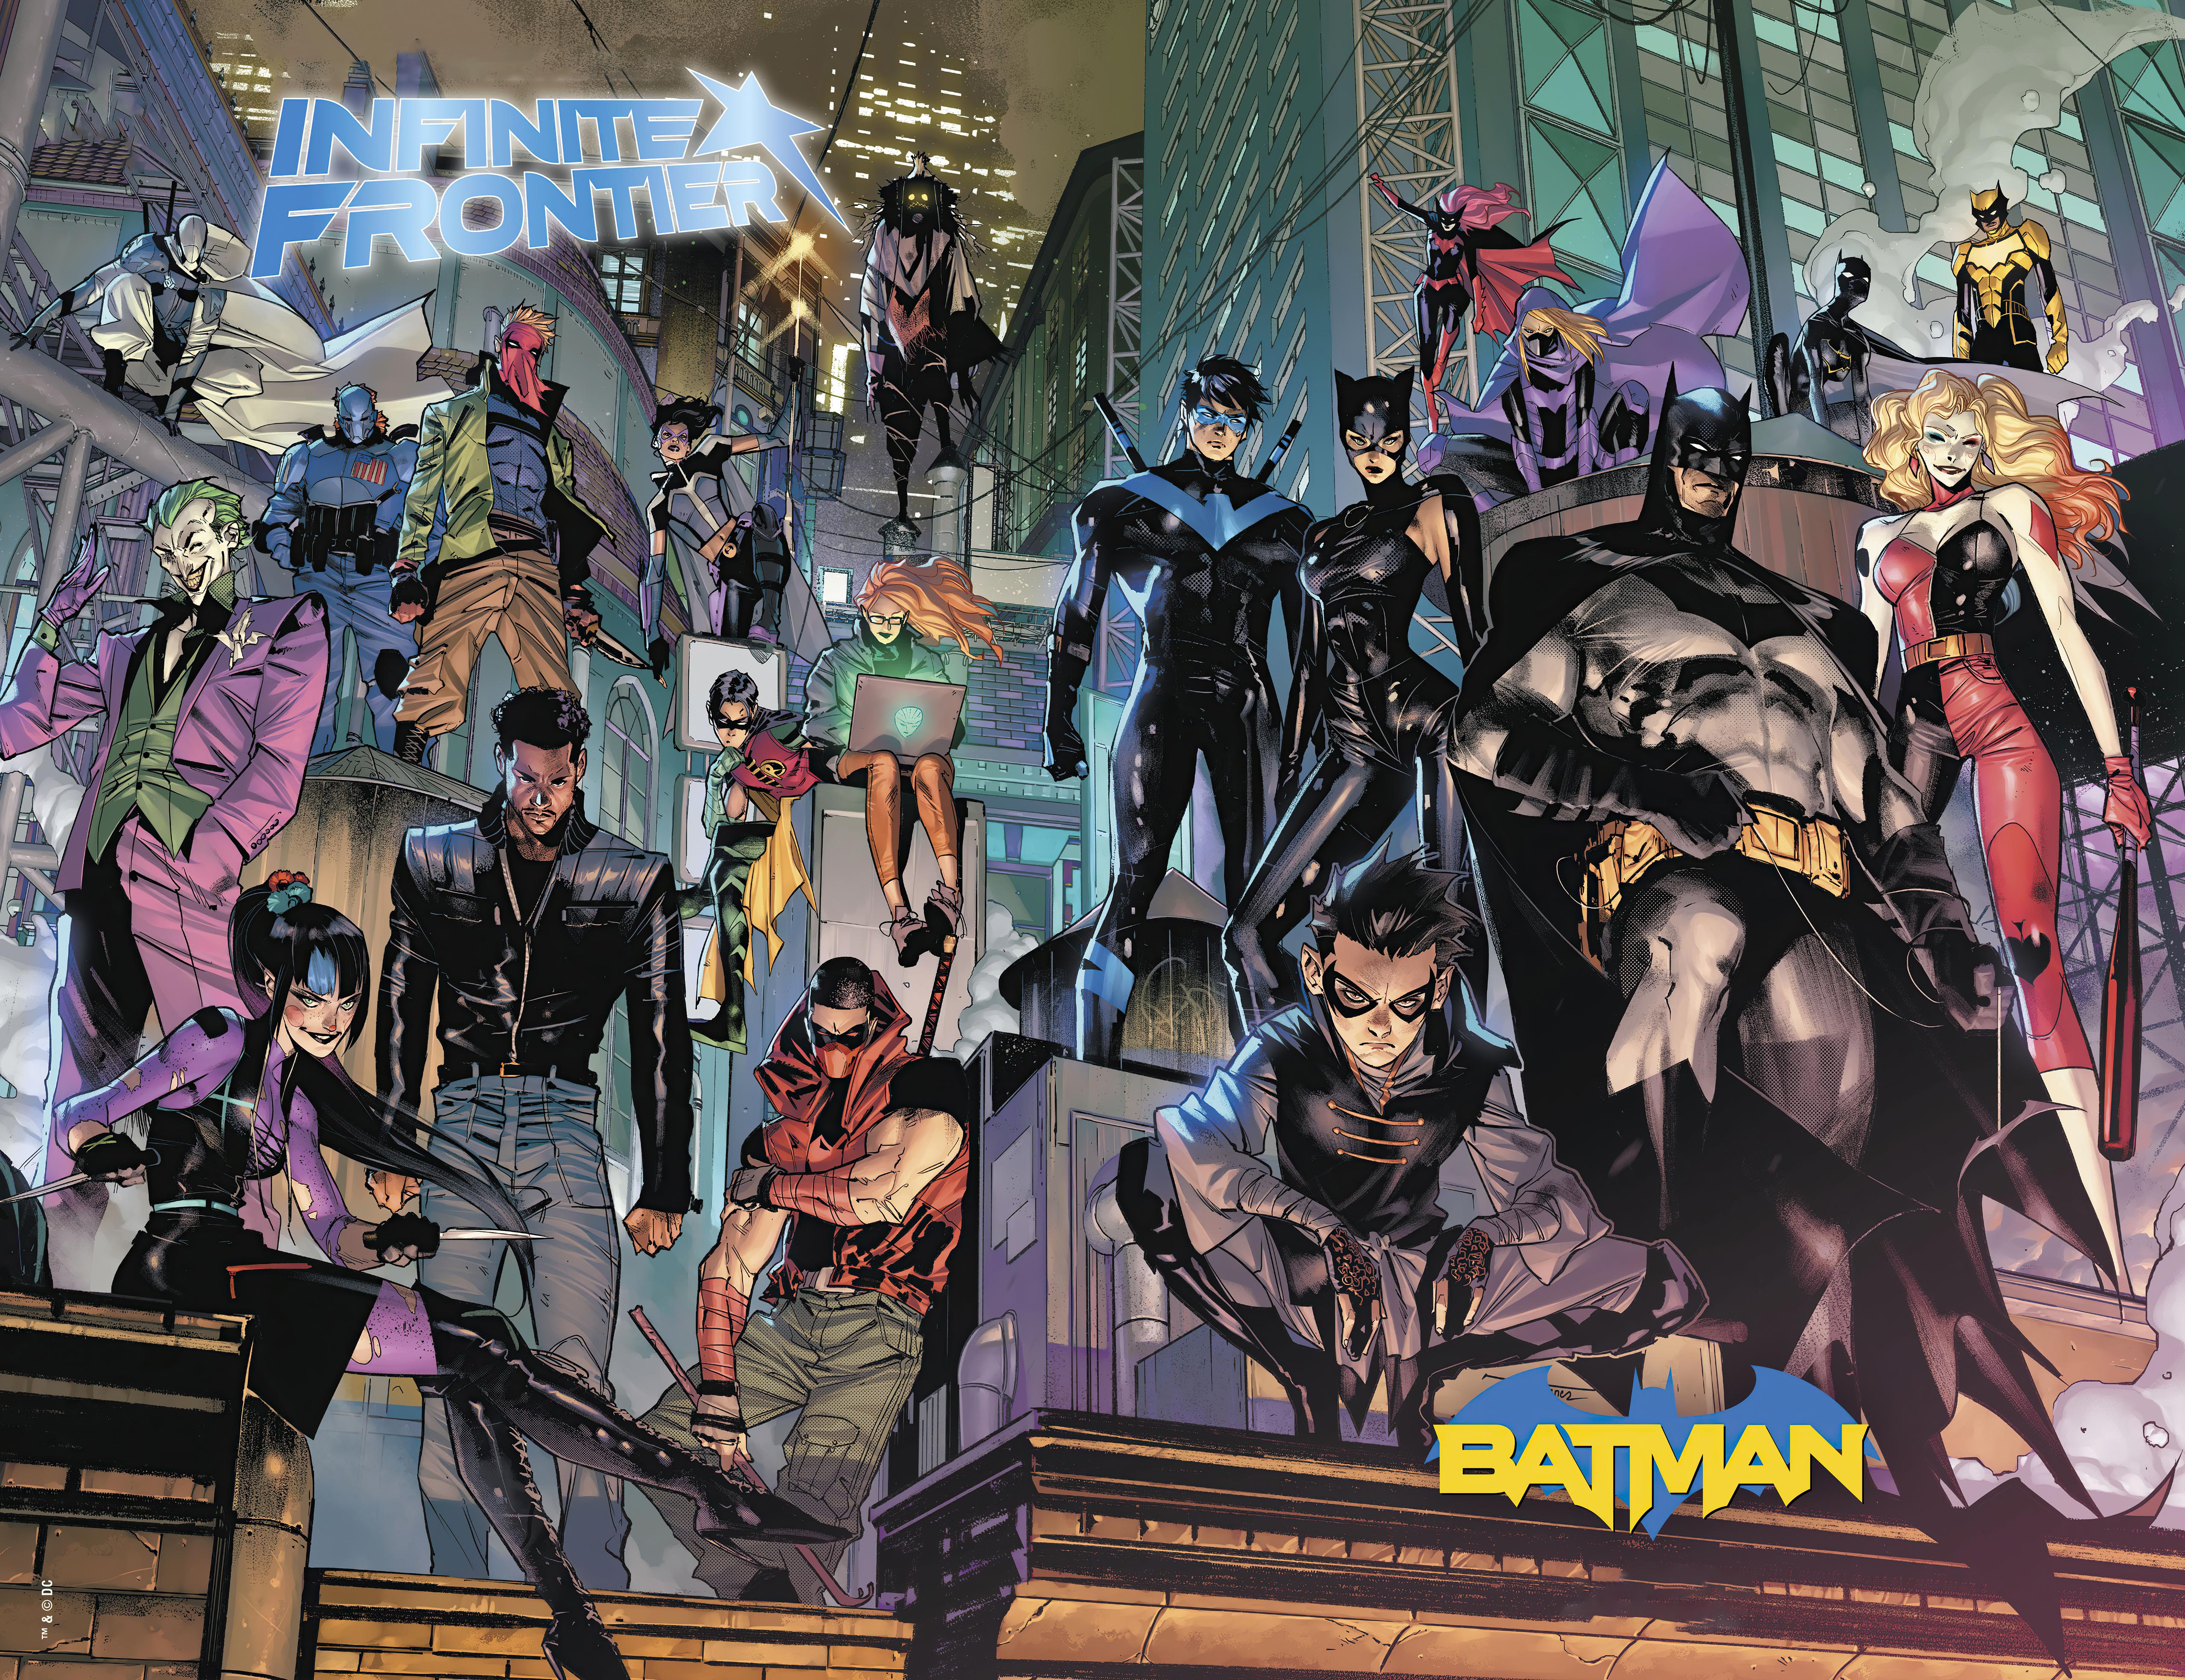 batman infinite frontier 4k 1616959931 - Batman Infinite Frontier 4k - Batman Infinite Frontier 4k wallpapers